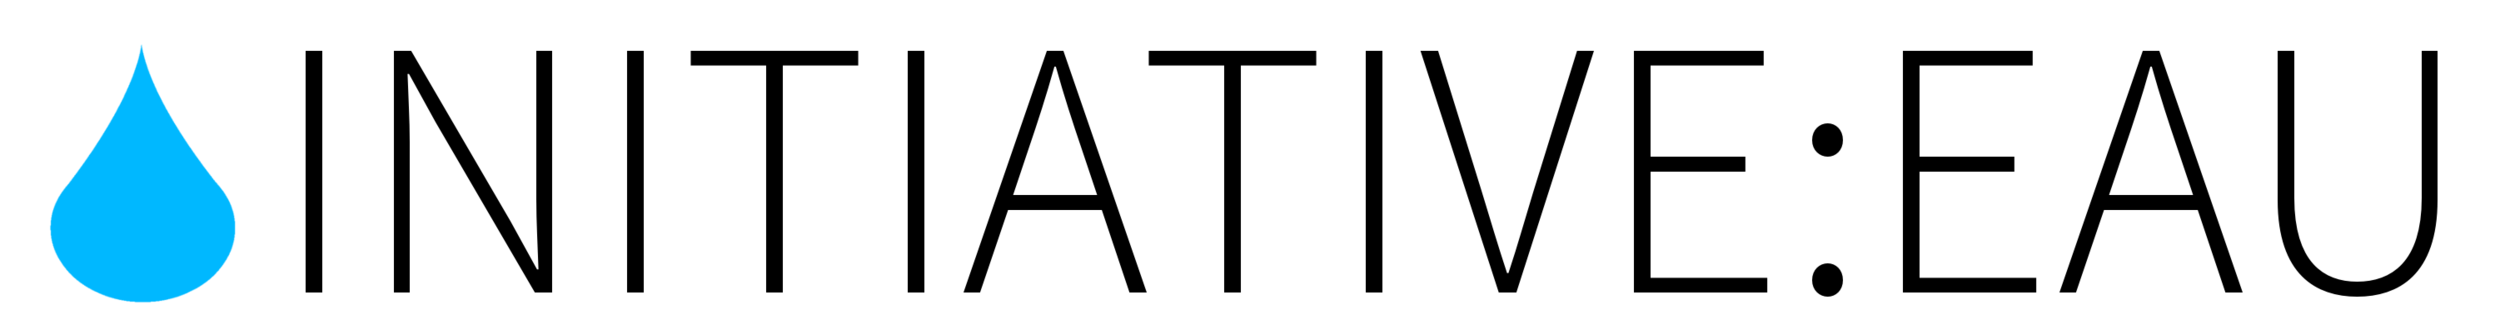 Initiative Eau Banner (Black Text).png